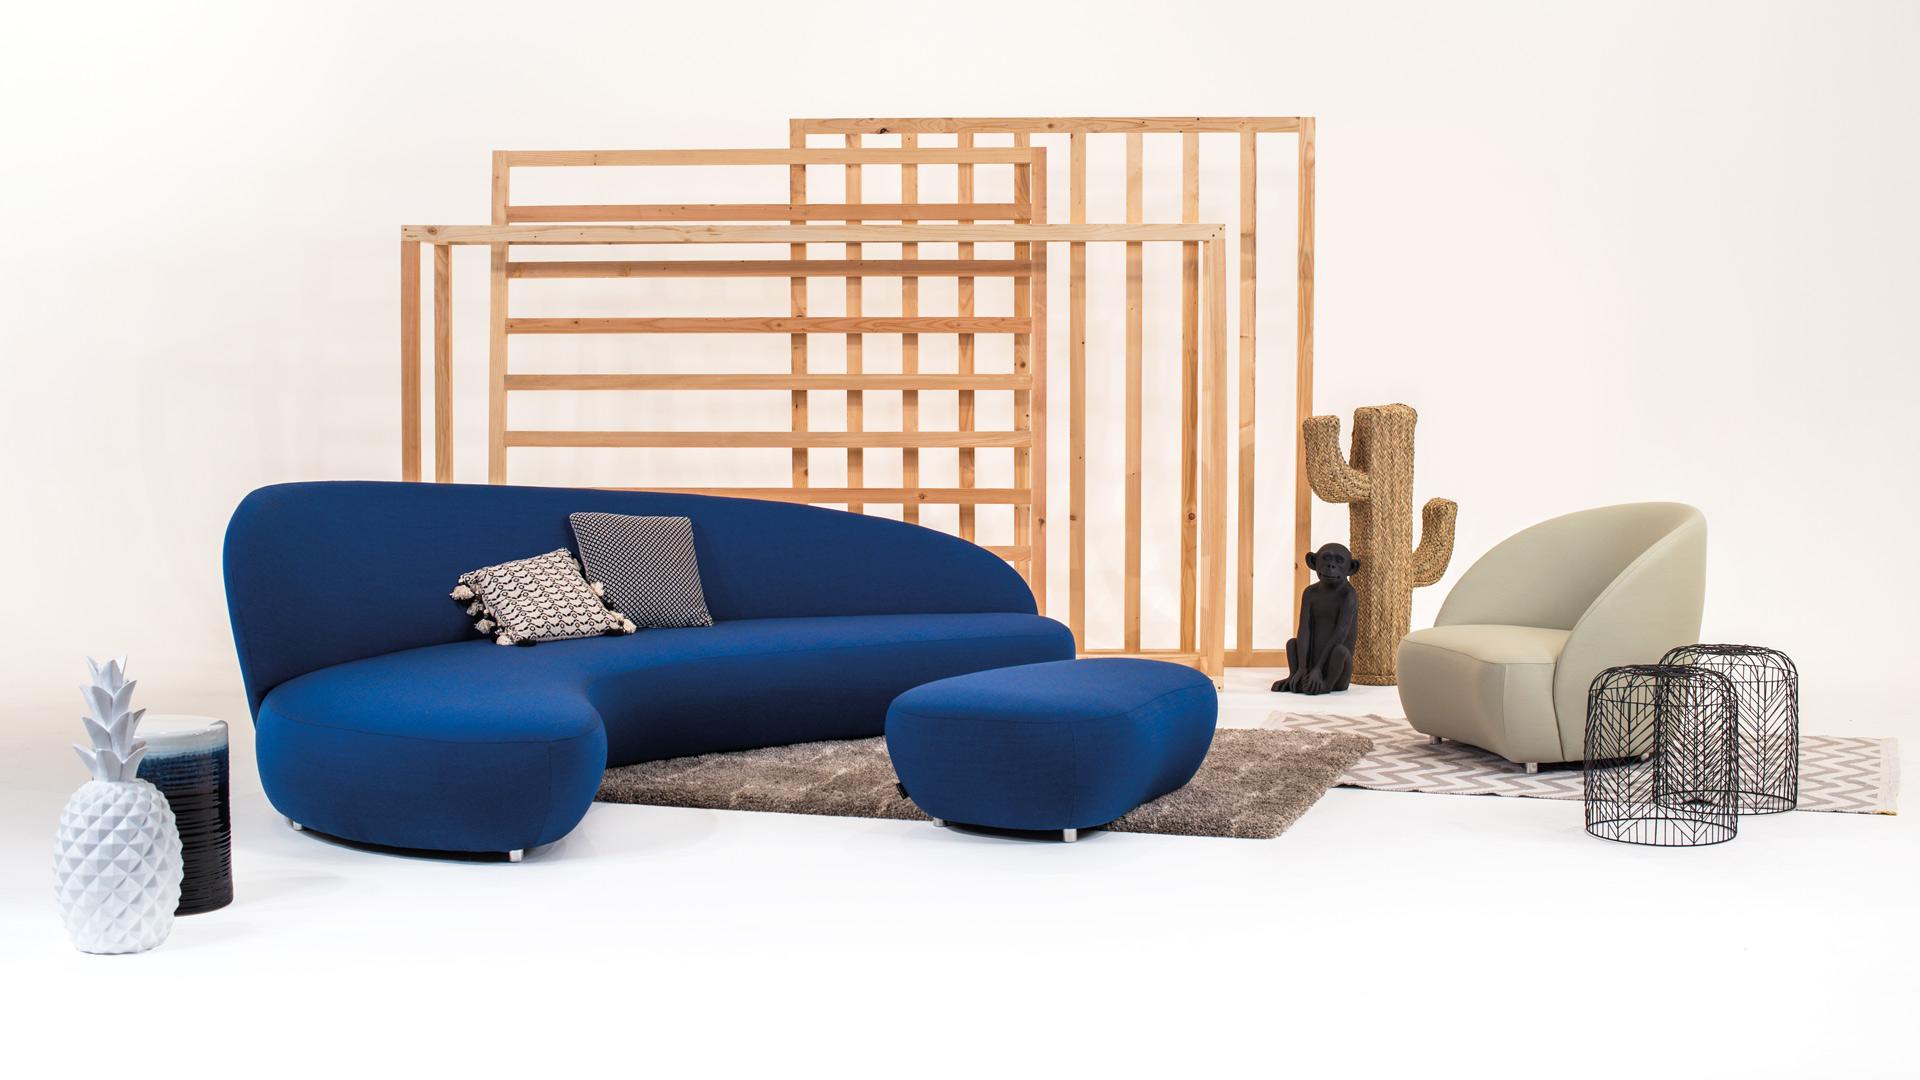 Canapé bleu design et moderne dessiné par Neology.